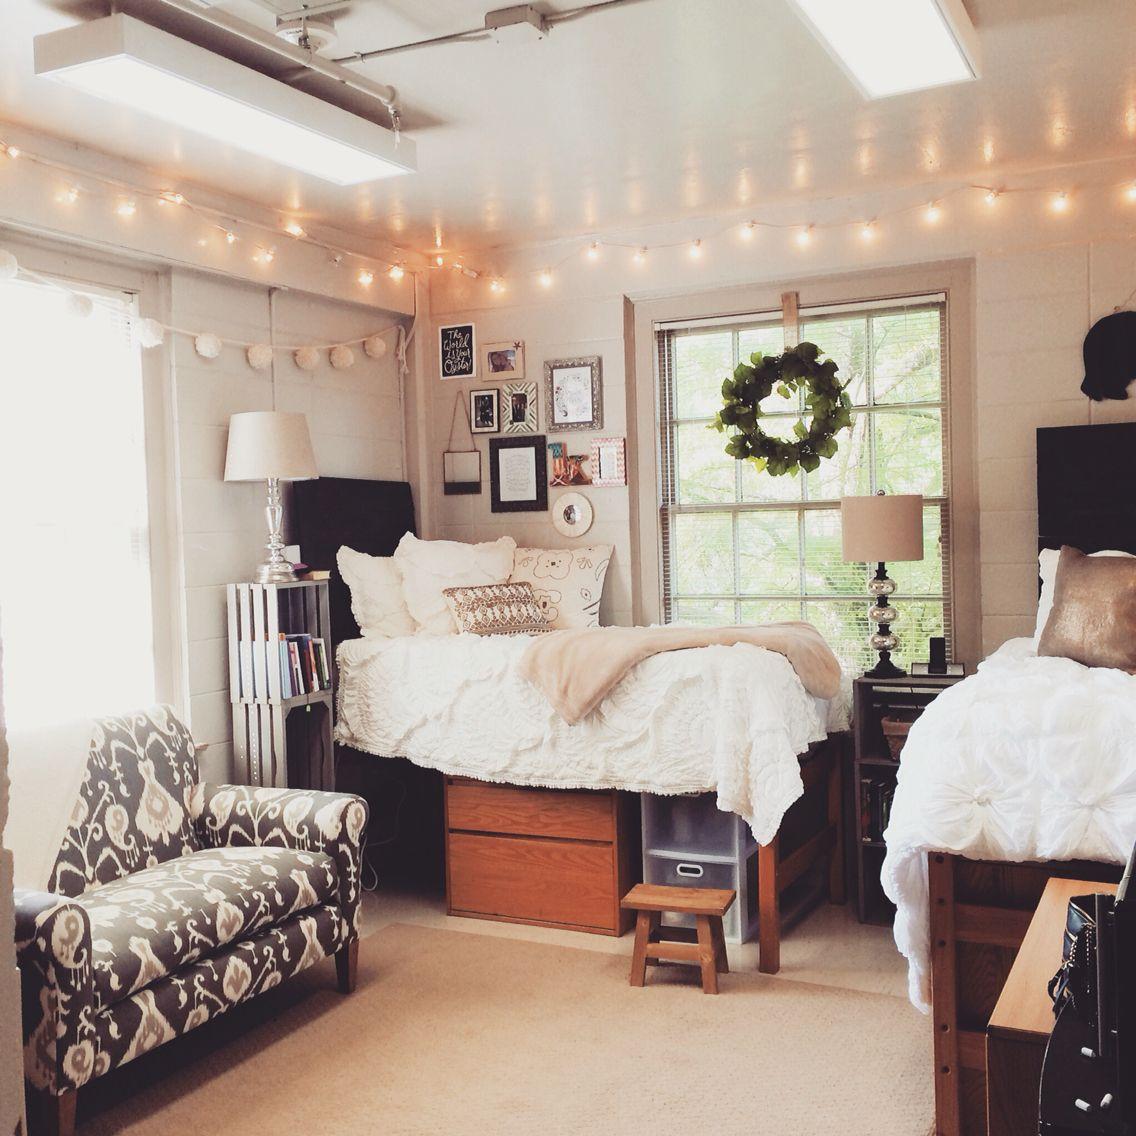 Дизайн интерьера комнат в общежитии фото 11